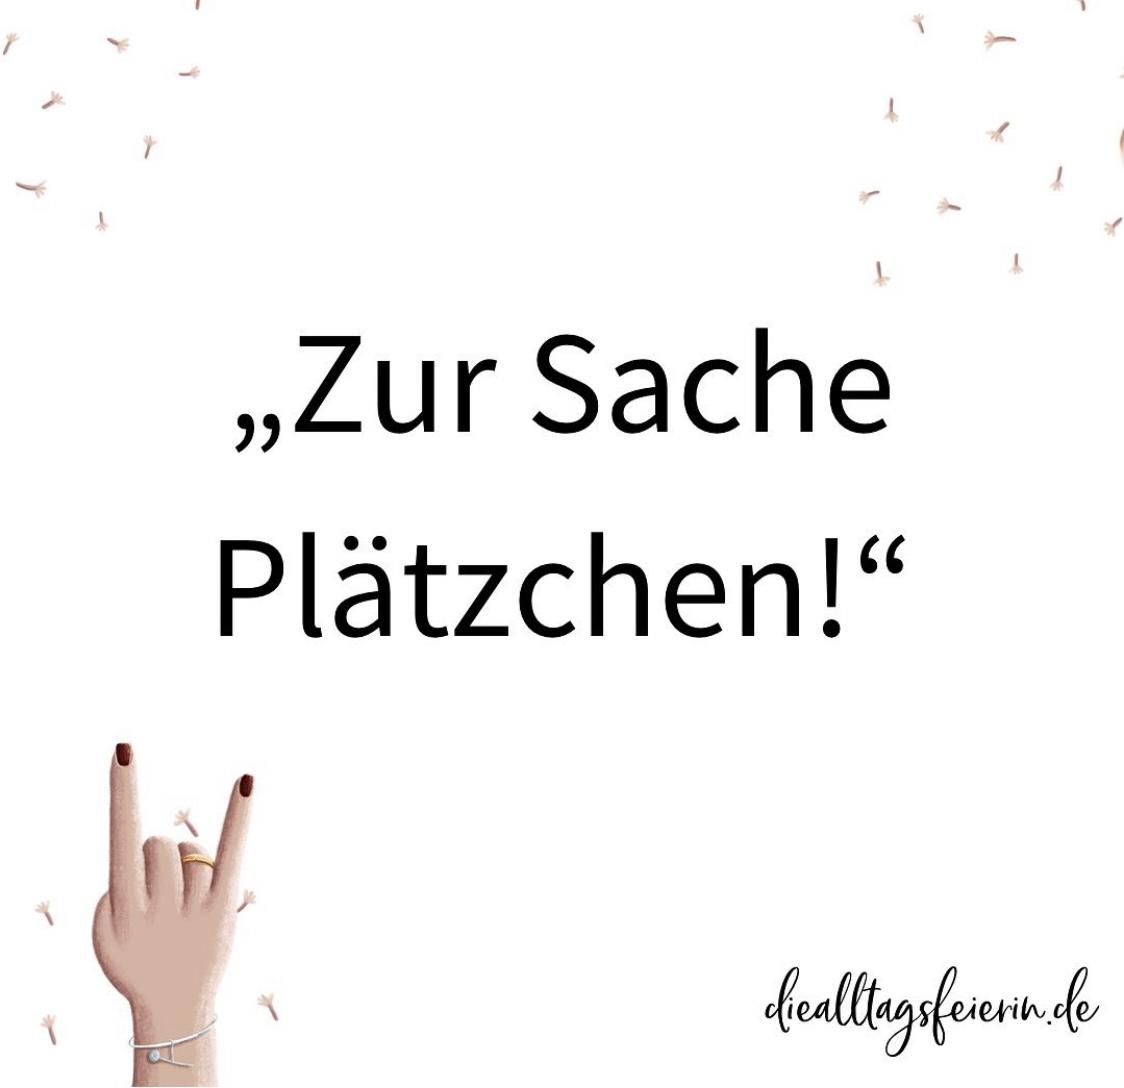 Zur Sache Plätzchen, Wochenrückblick No 40-2021 auf diealltagsfeierin.de